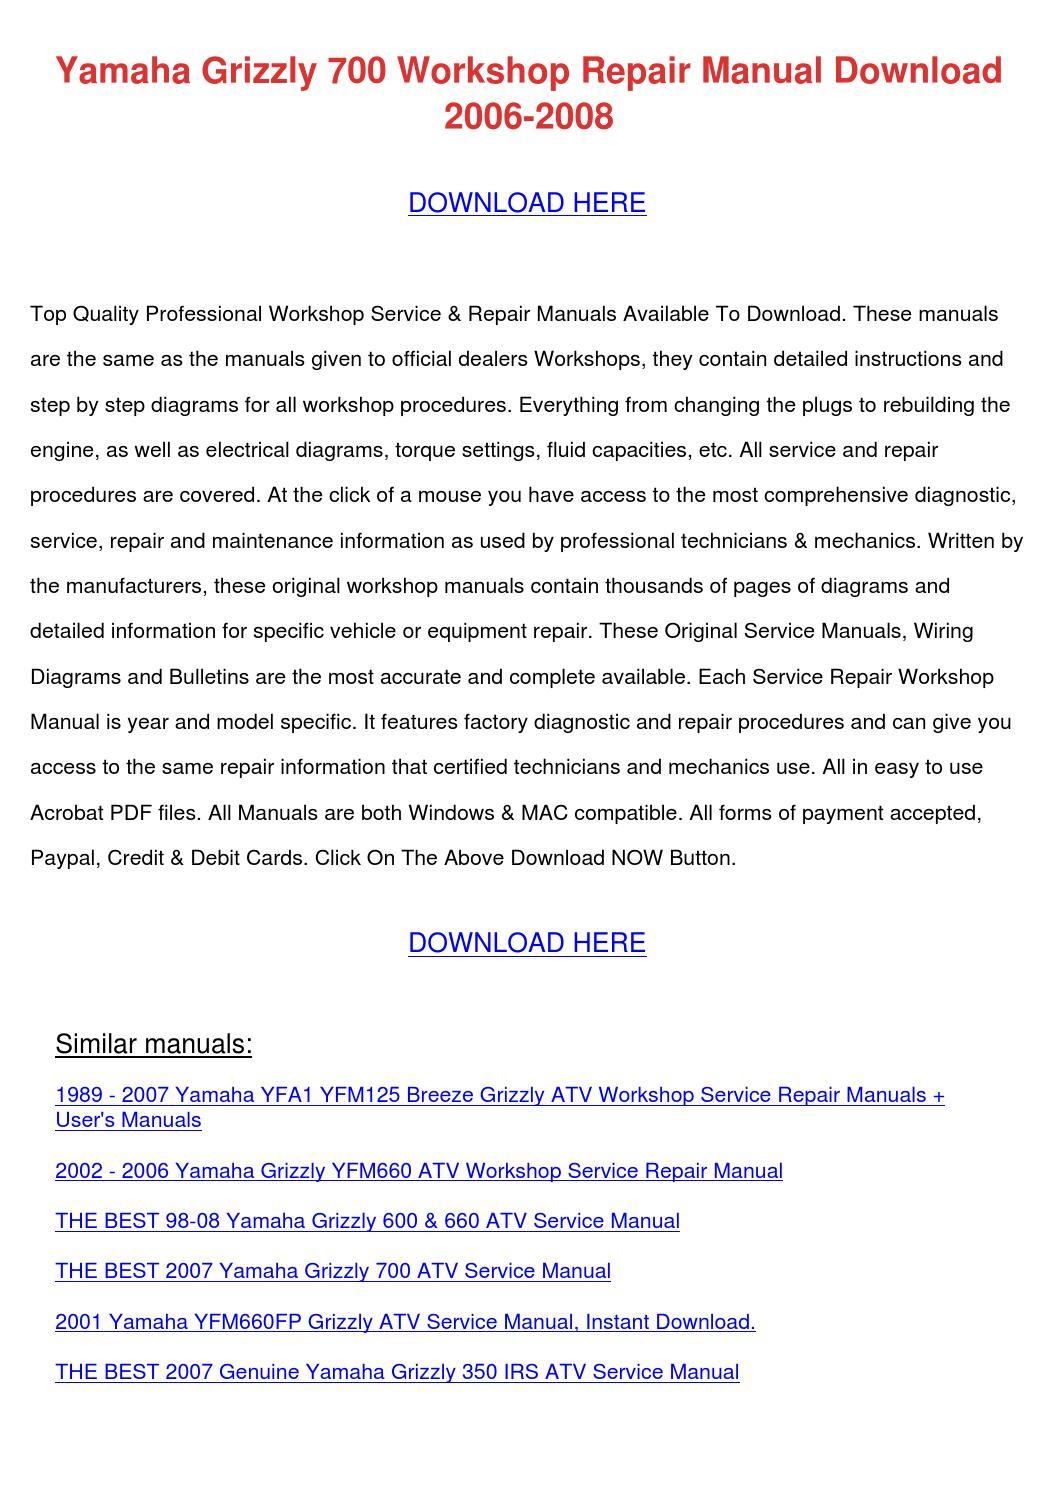 Yamaha Grizzly 700 Workshop Repair Manual Dow By Edmundcyr Issuu